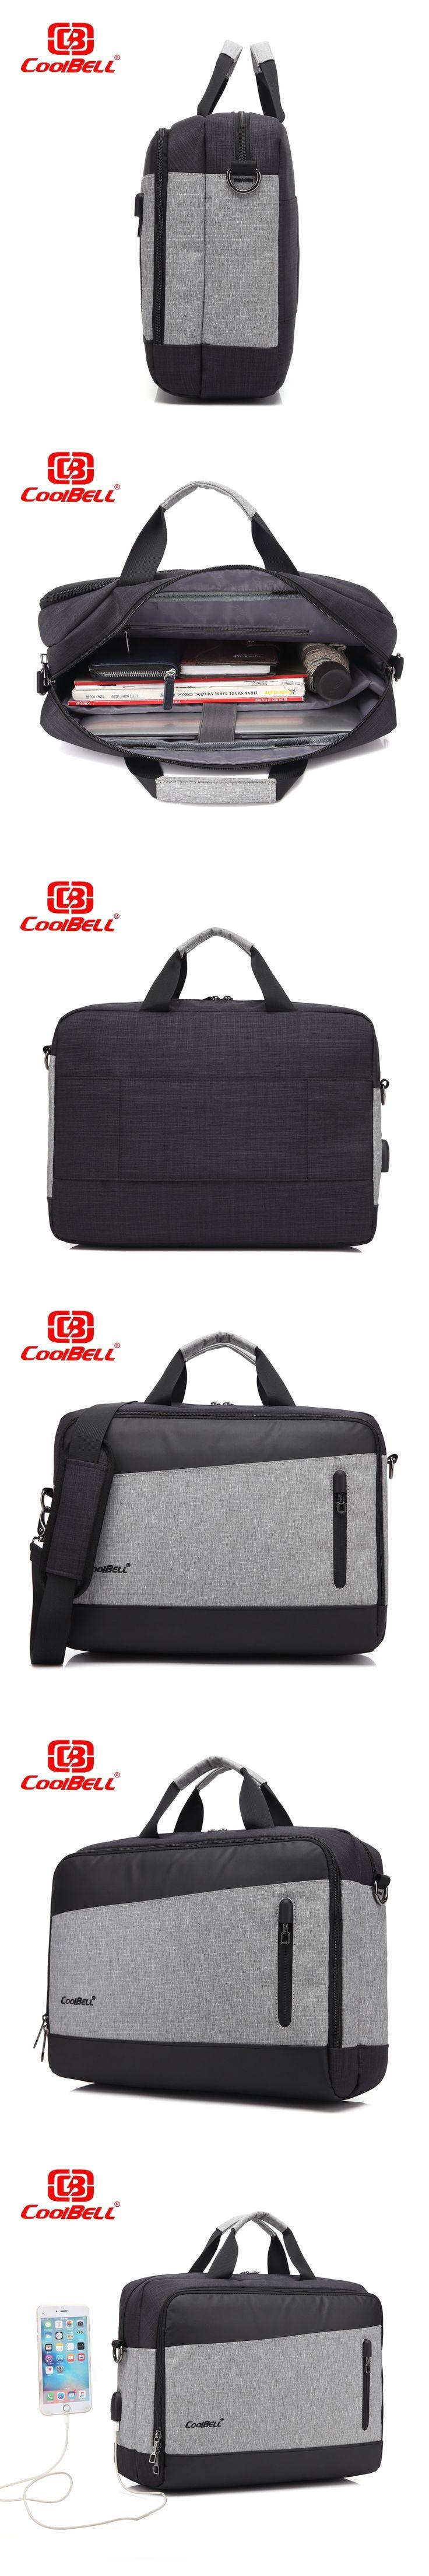 2017 Waterproof USB Charging 15.6inch Laptop Messenger Bag For Women Men Briefcase Business Notebook Shoulder Bag